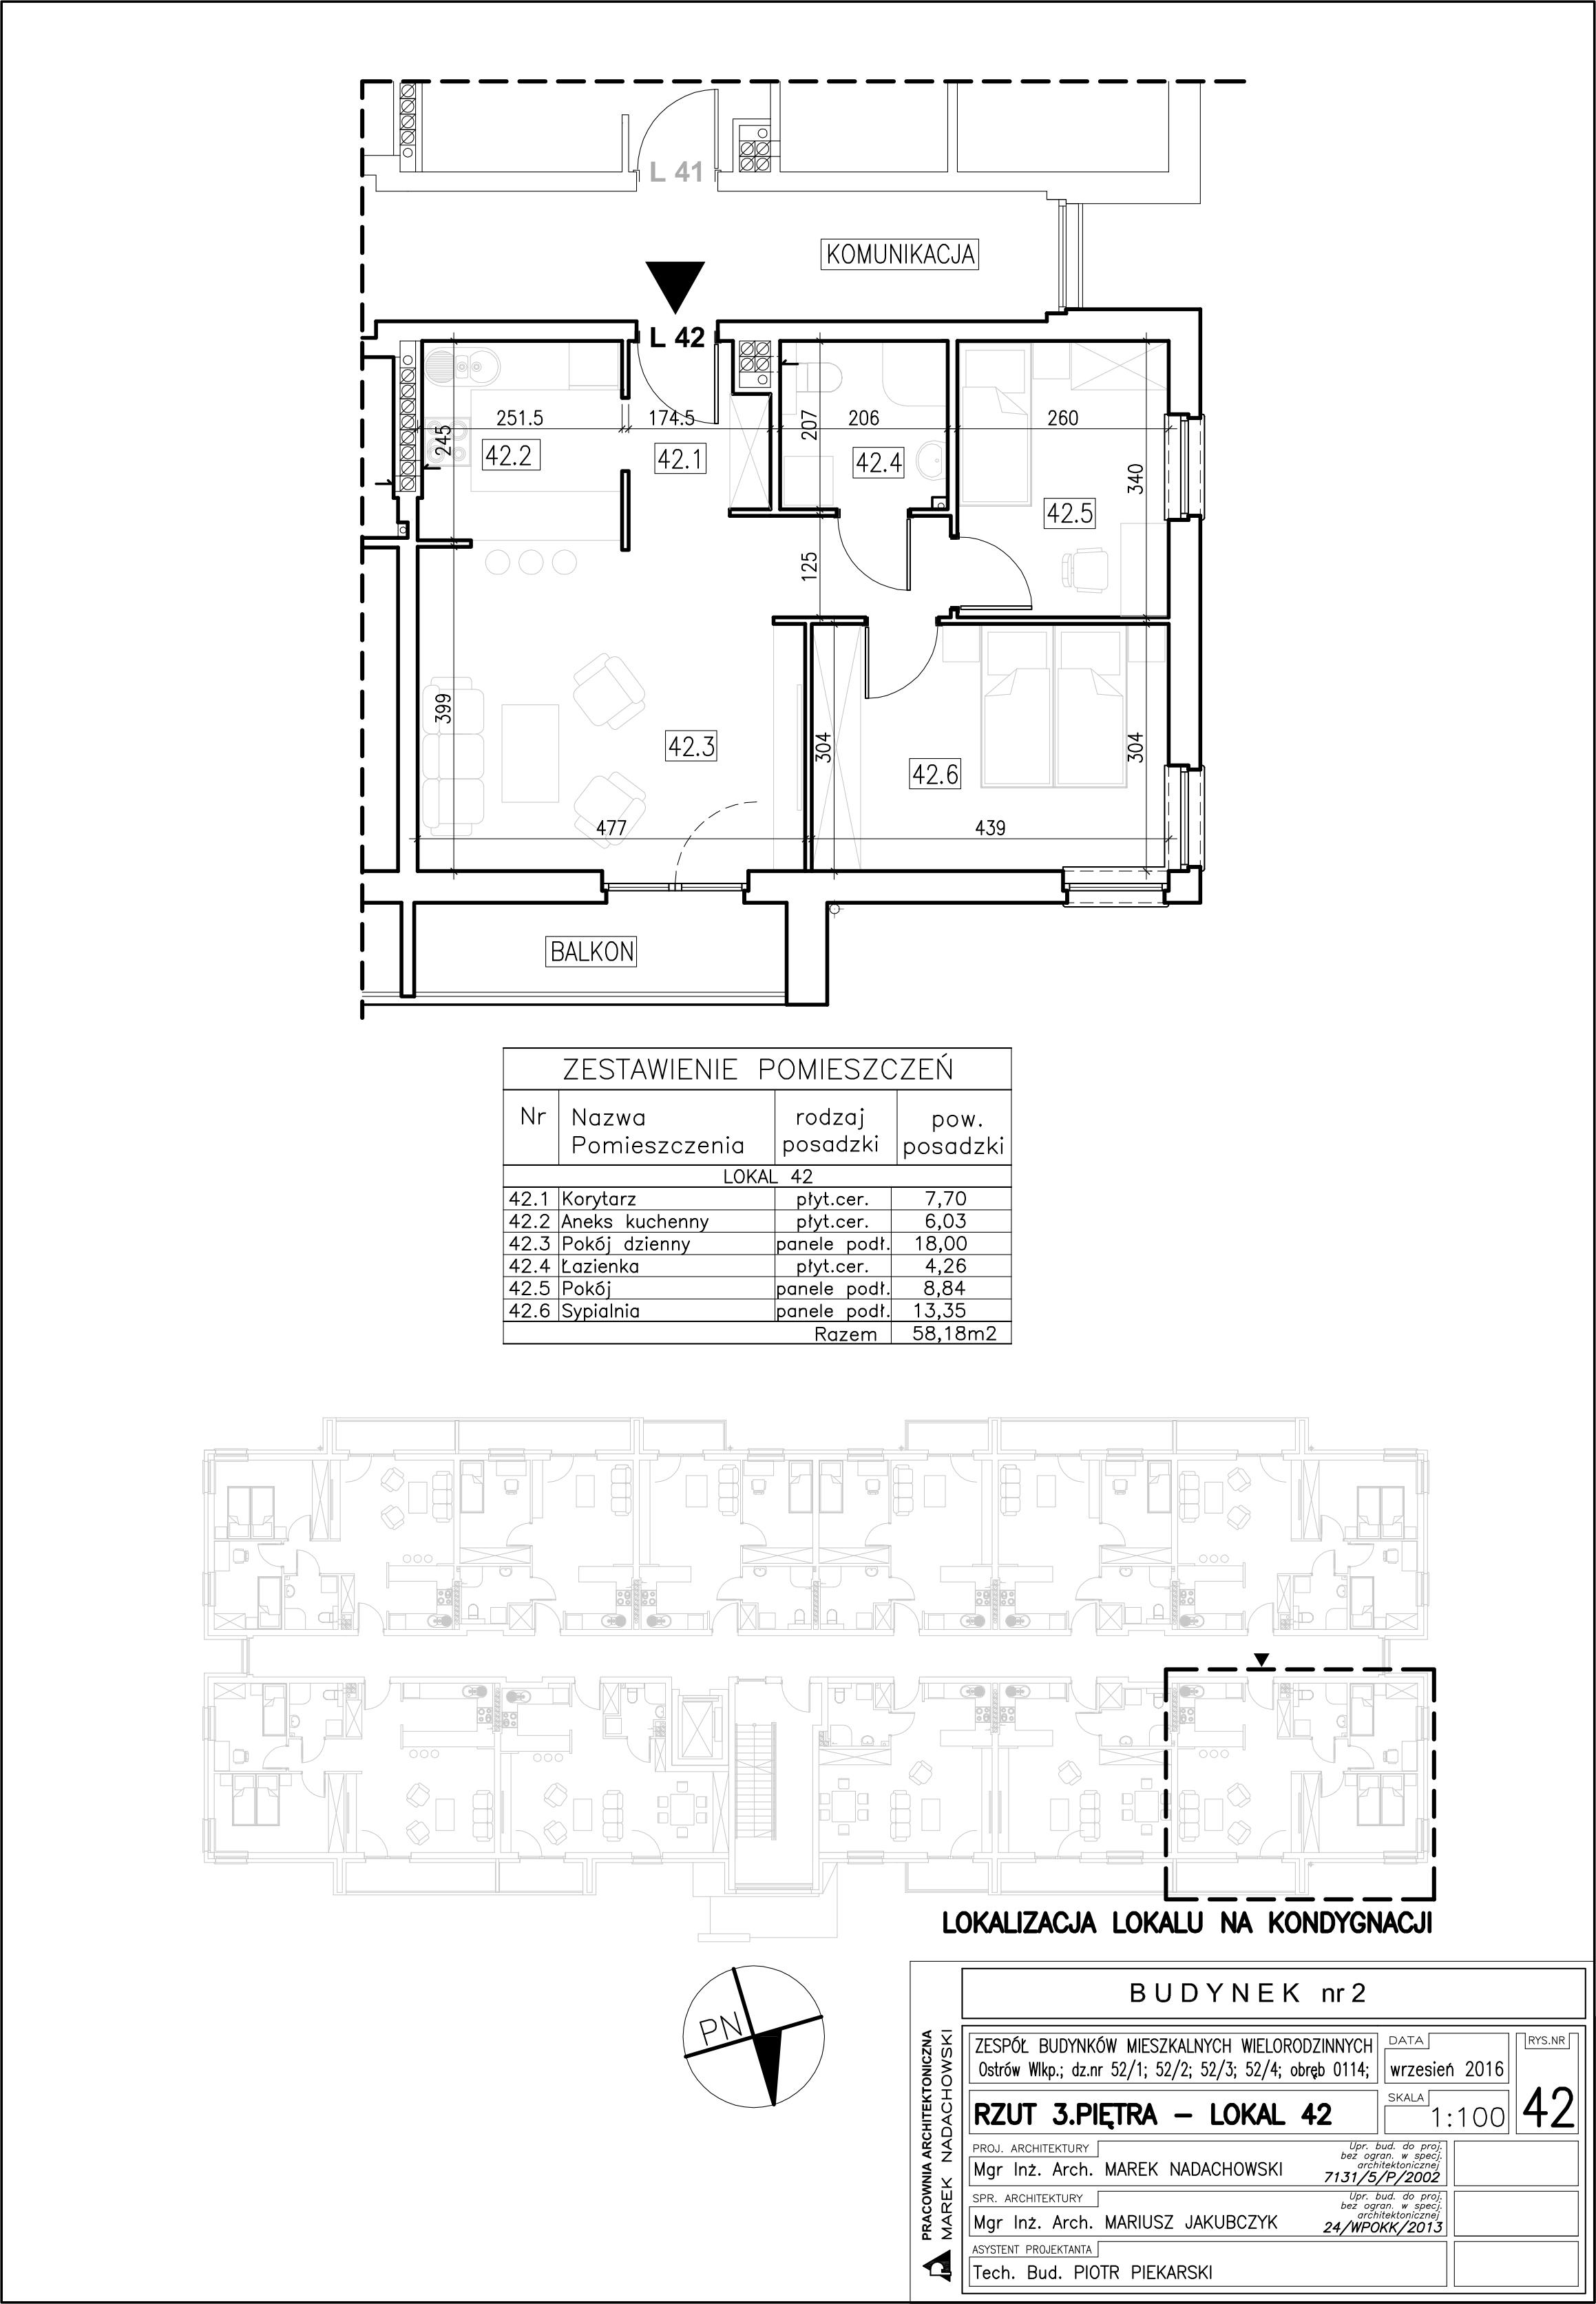 Lokal nr 42 Powierzchnia: 58,18 m2